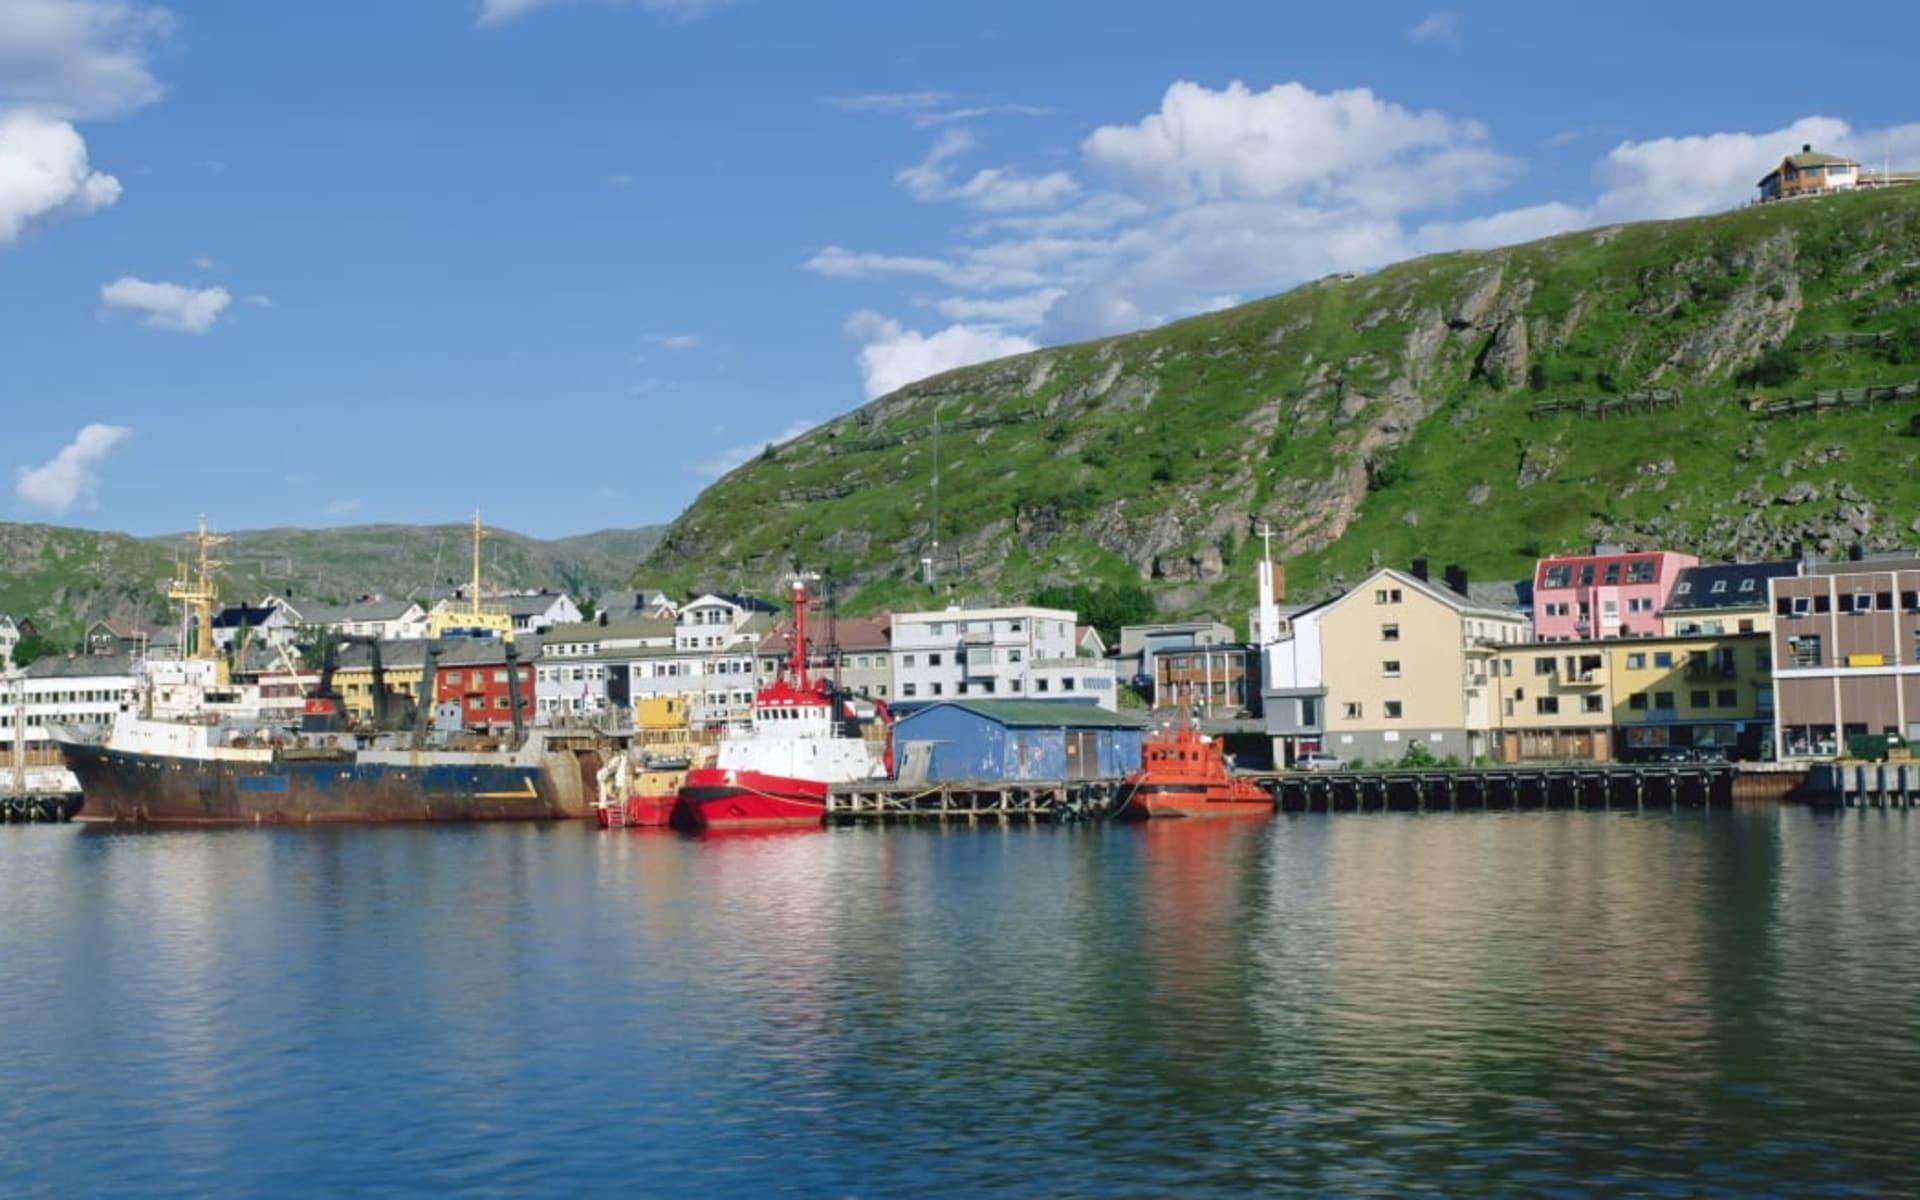 Scandic Kirkenes: Panoramasicht auf den Hafen der kleinen Stadt Kirkenes